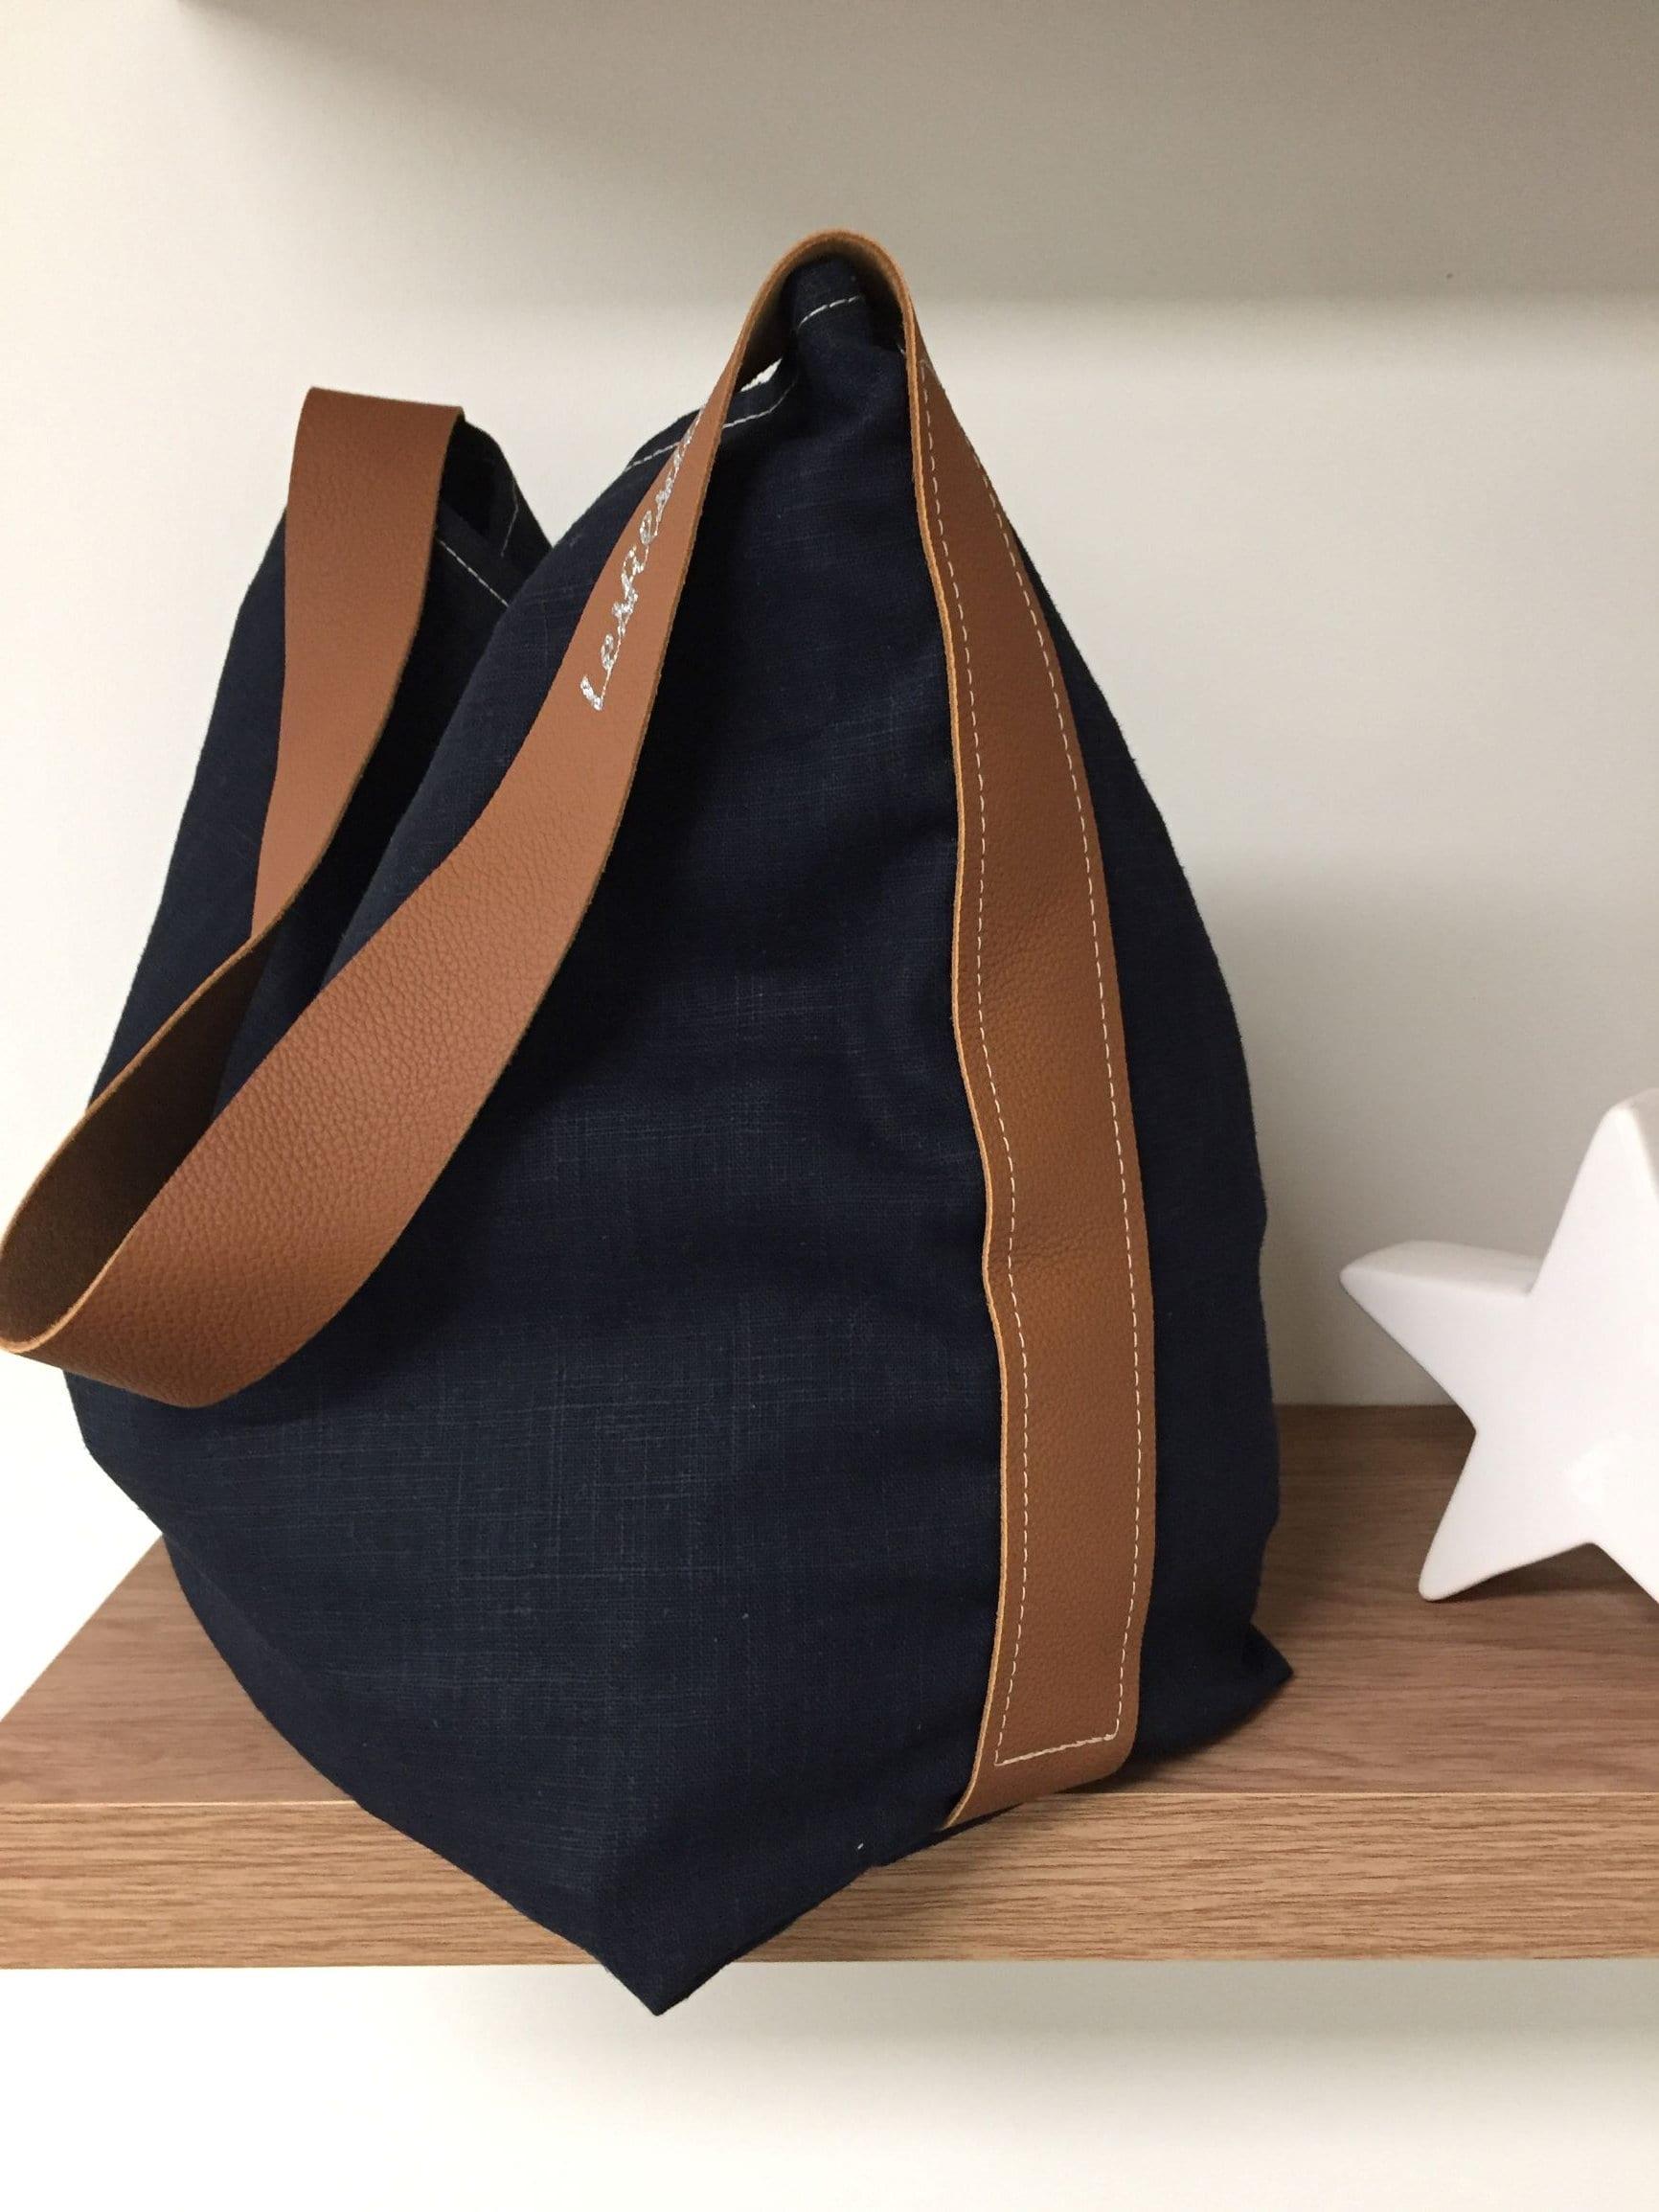 149a072faa Sac cabas porté épaule en lin bleu marine et anse cuir fauve surpiquée,  poche intérieure / sac seau lin beige naturel et cuir fauve